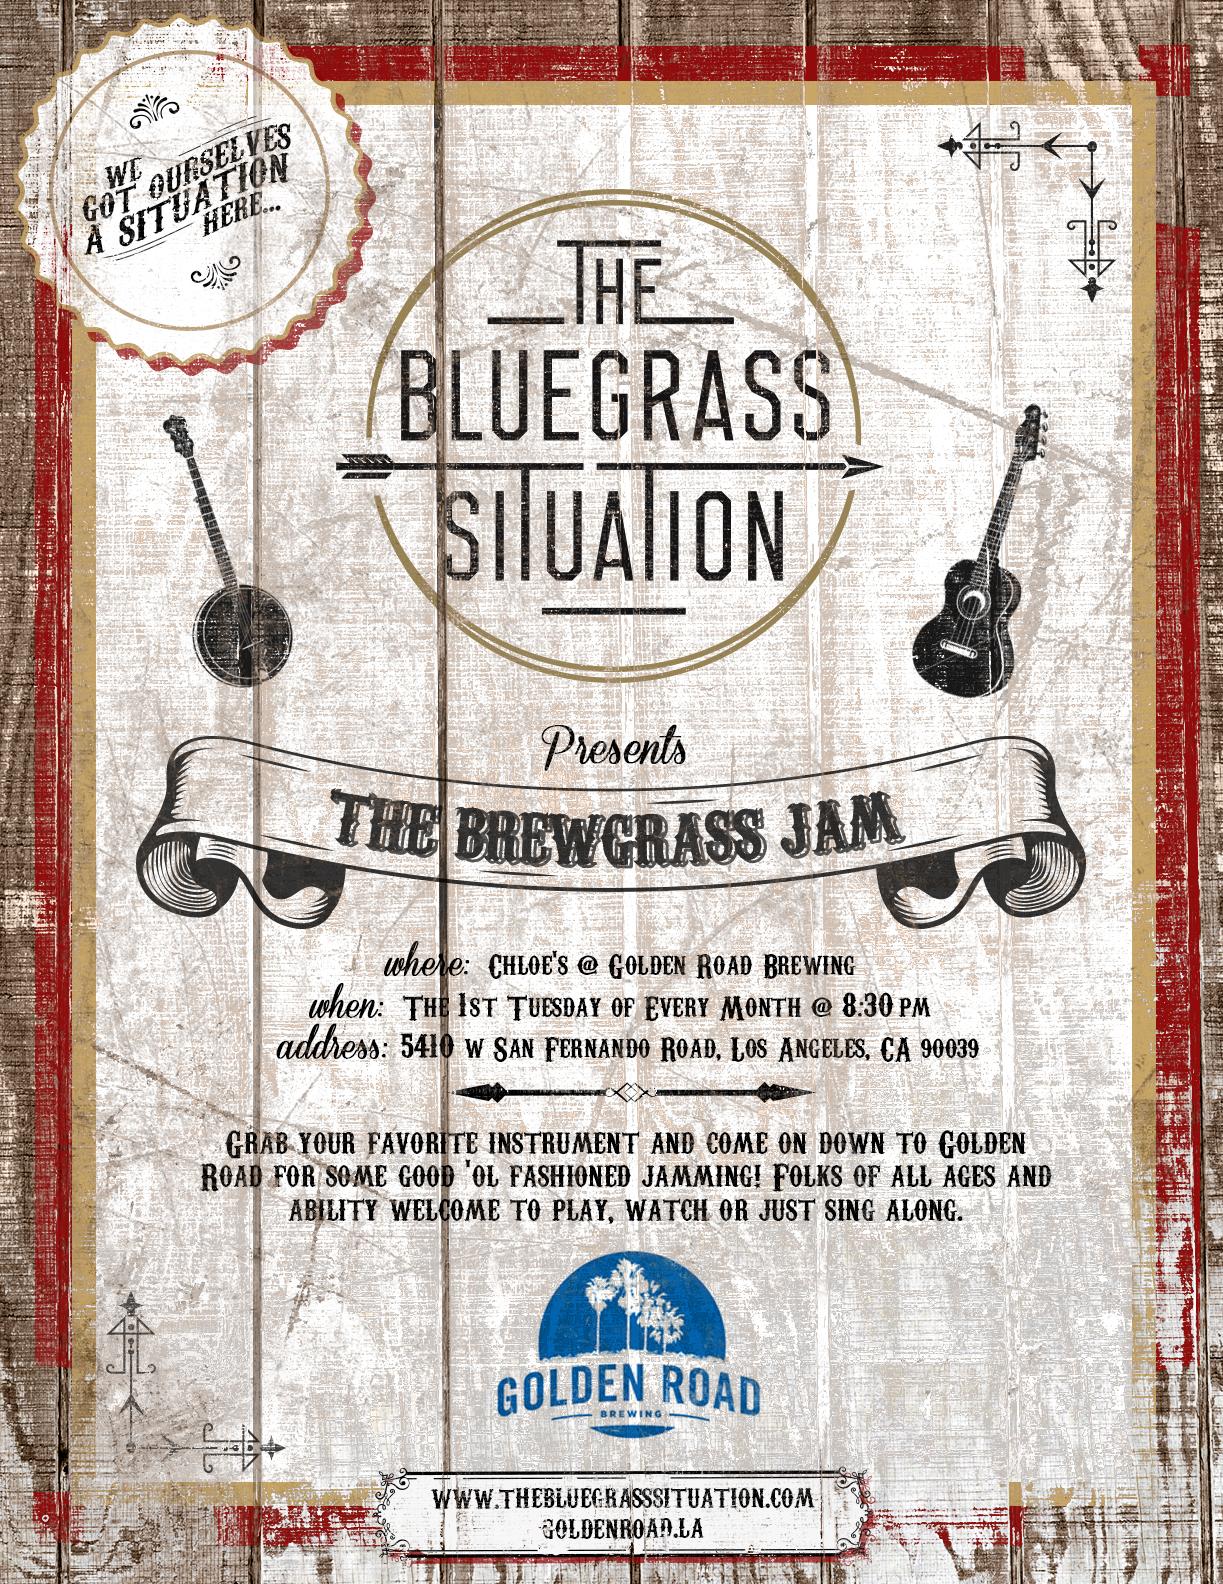 BluegrassJam_Flyer_10-30-13-1